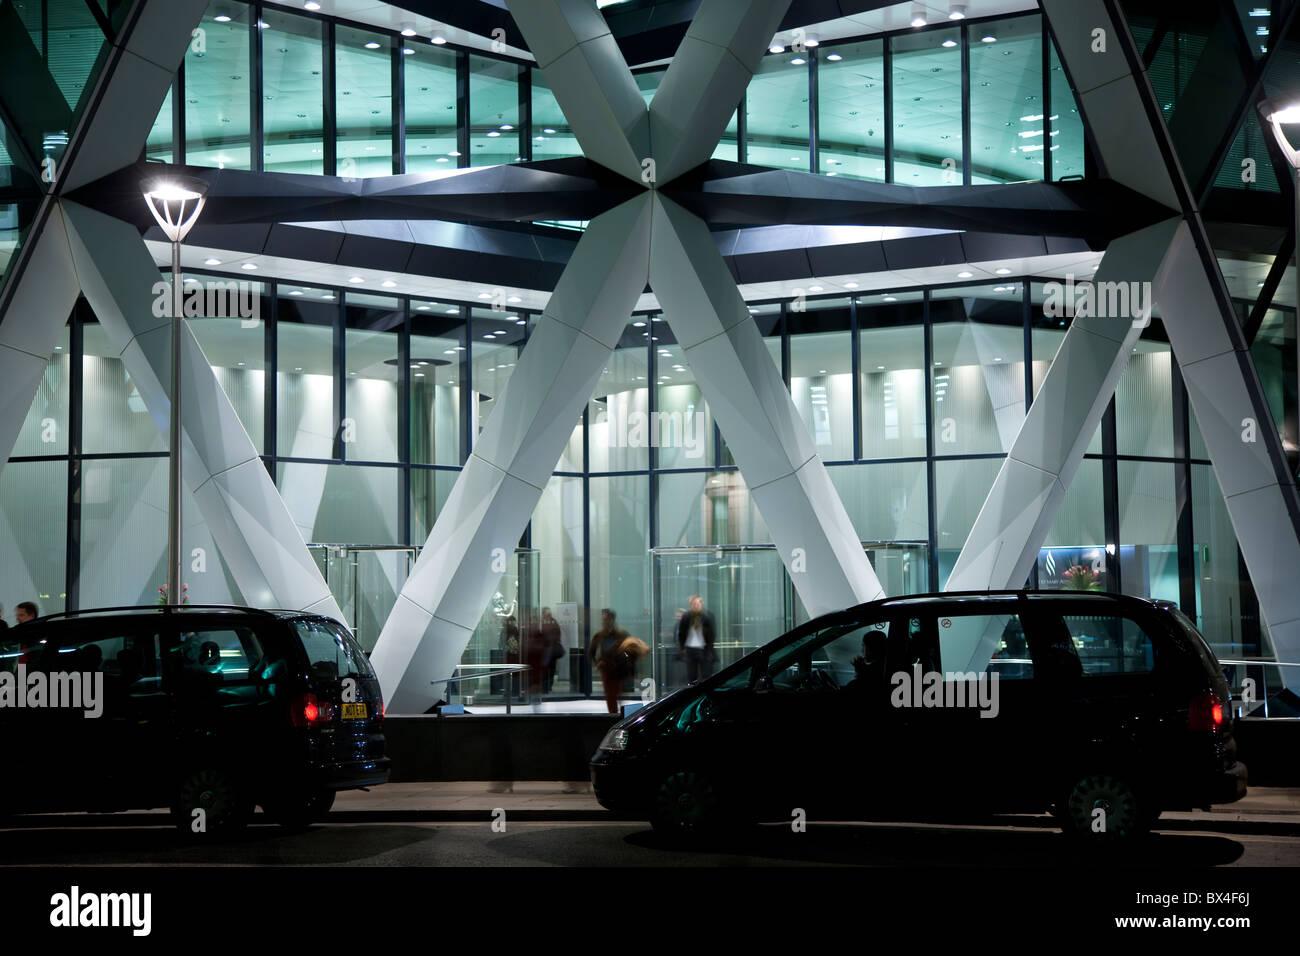 Voitures garées devant un bureau futuriste building at night, St Mary Axe, le cornichon, le Swiss Re building Banque D'Images